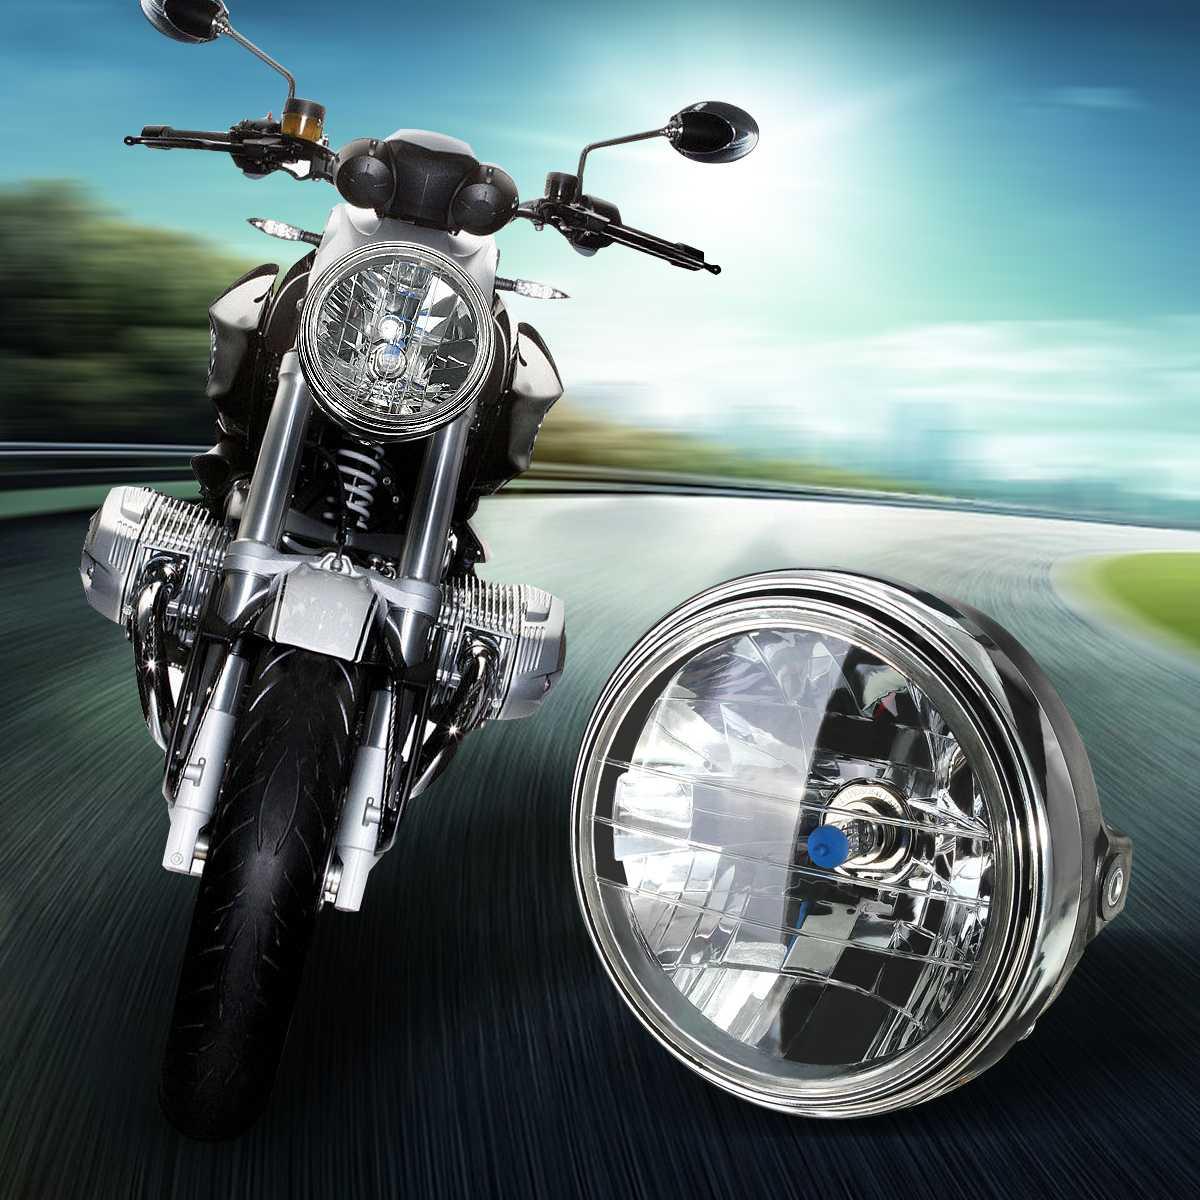 Faro delantero redondo de motocicleta de 7 pulgadas 35W H4 linterna LED para cabeza para Honda/Kawasaki/Suzuki/Yamaha